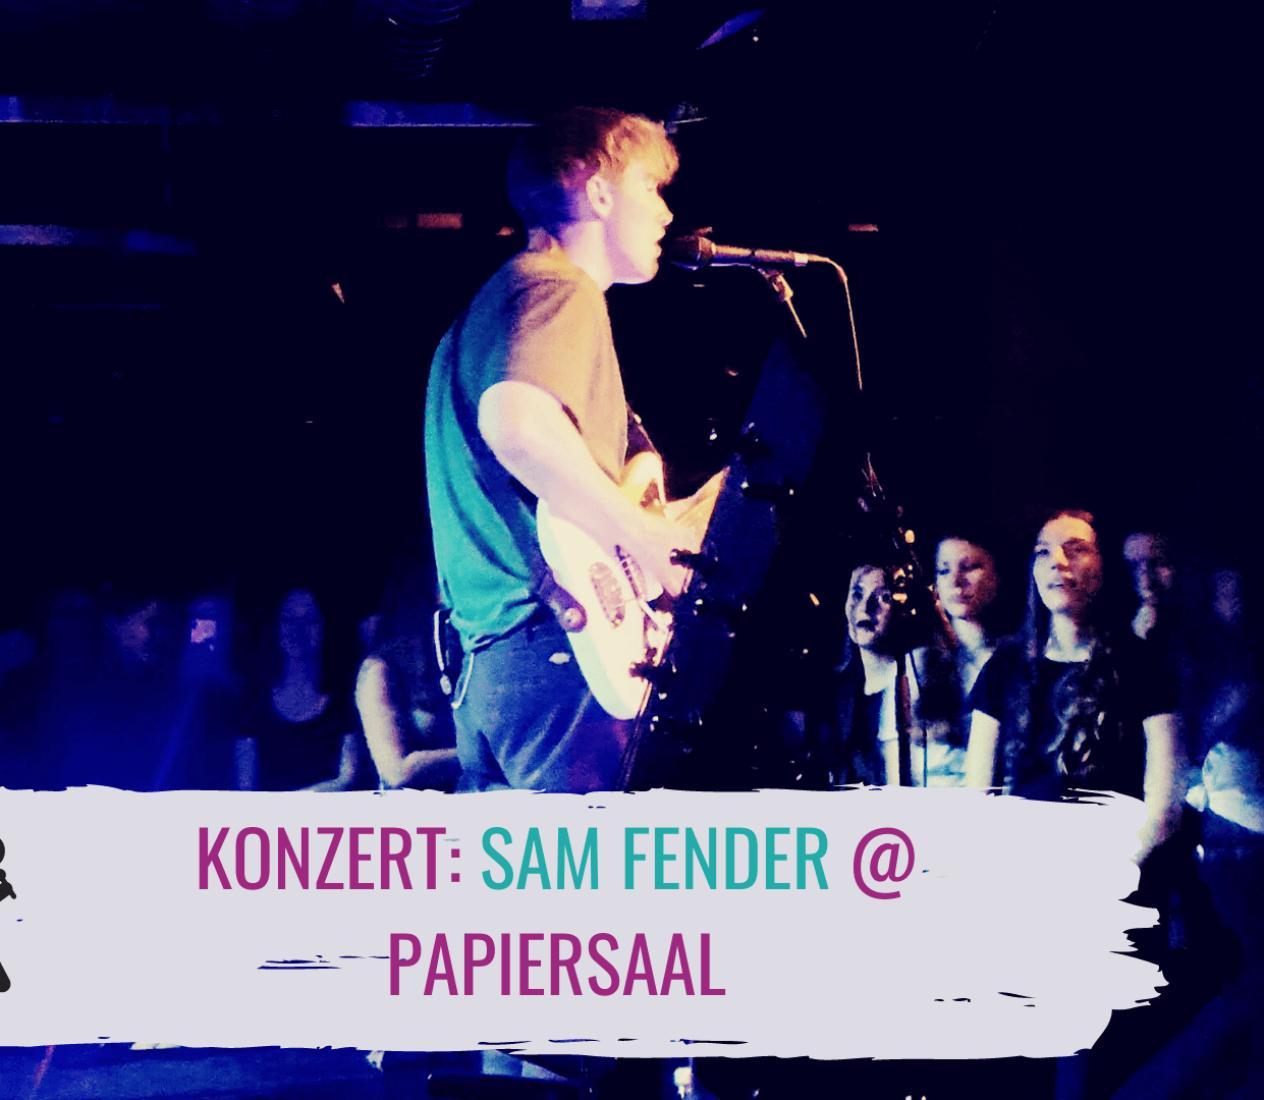 Sam Fender @ Papiersaal ZH – Homme Fatale mit Hammer-Charisma